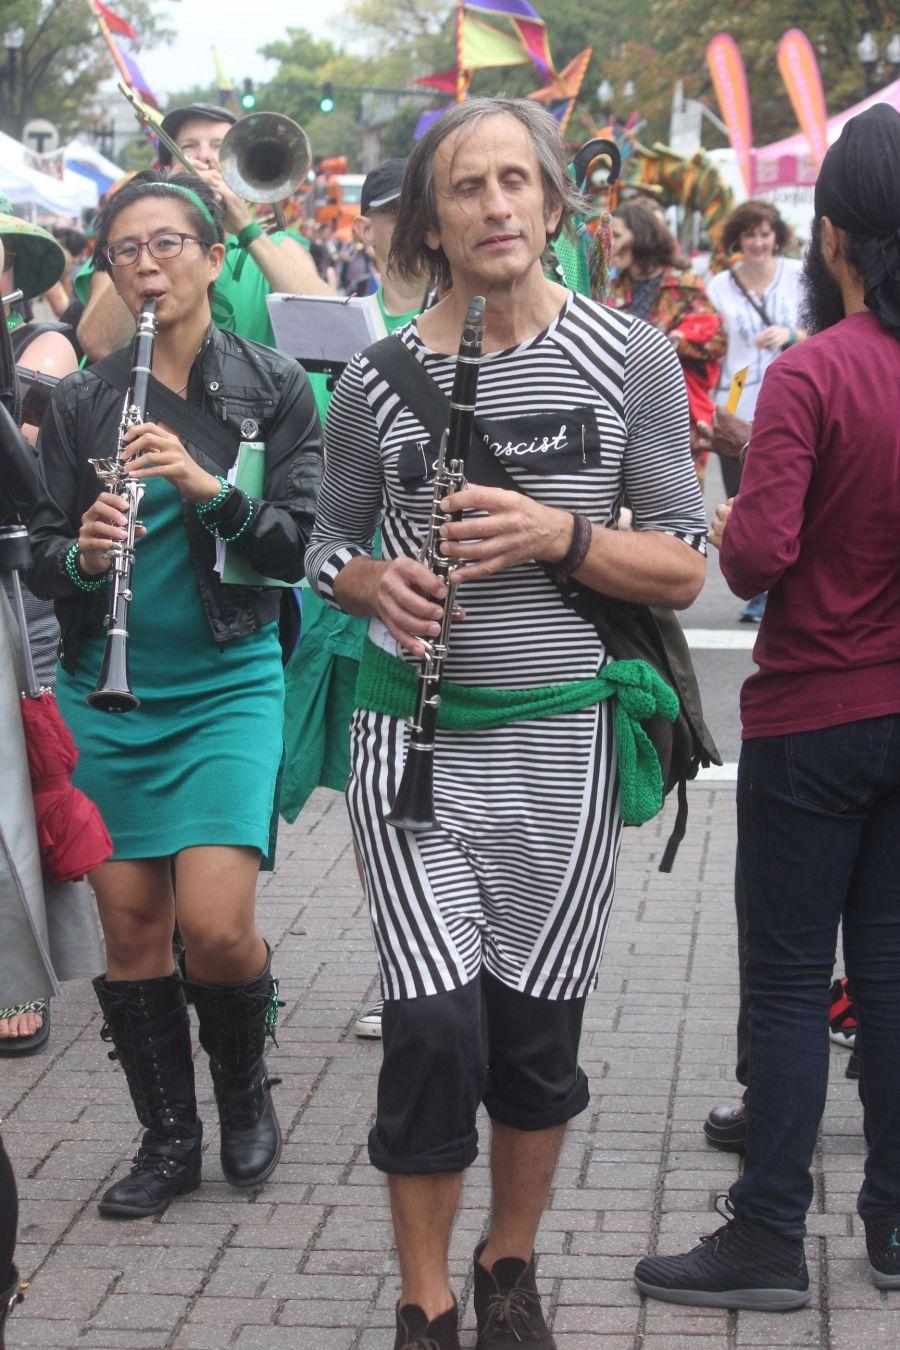 boston honkfest october 8 parade 58